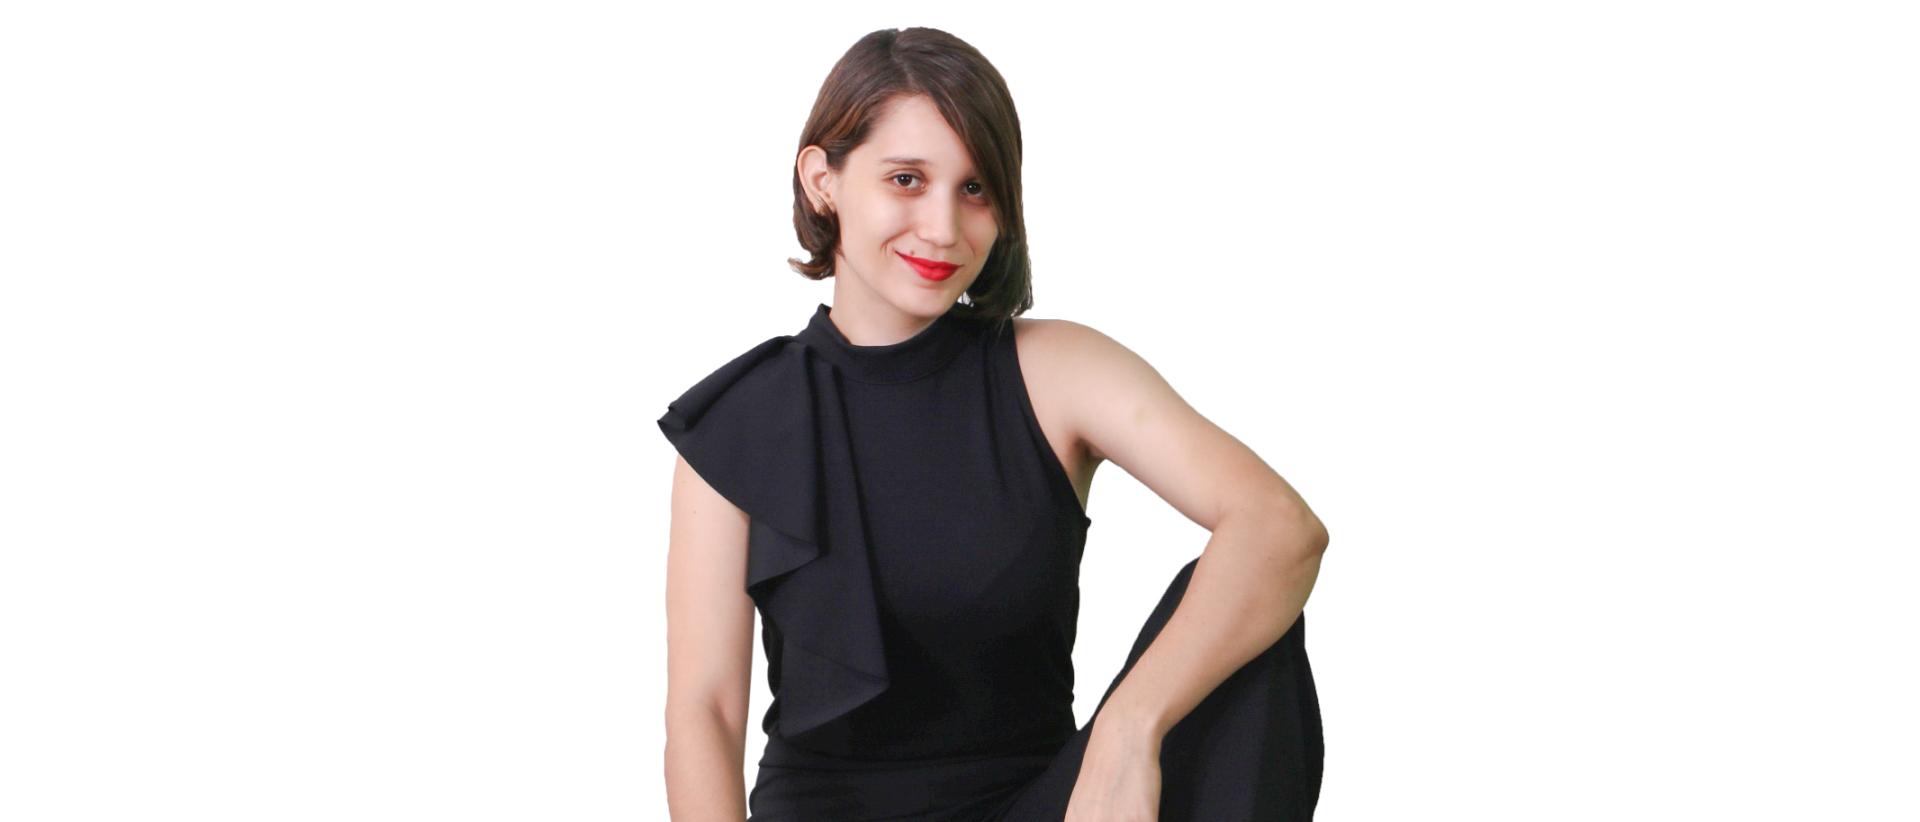 Samantha Perla